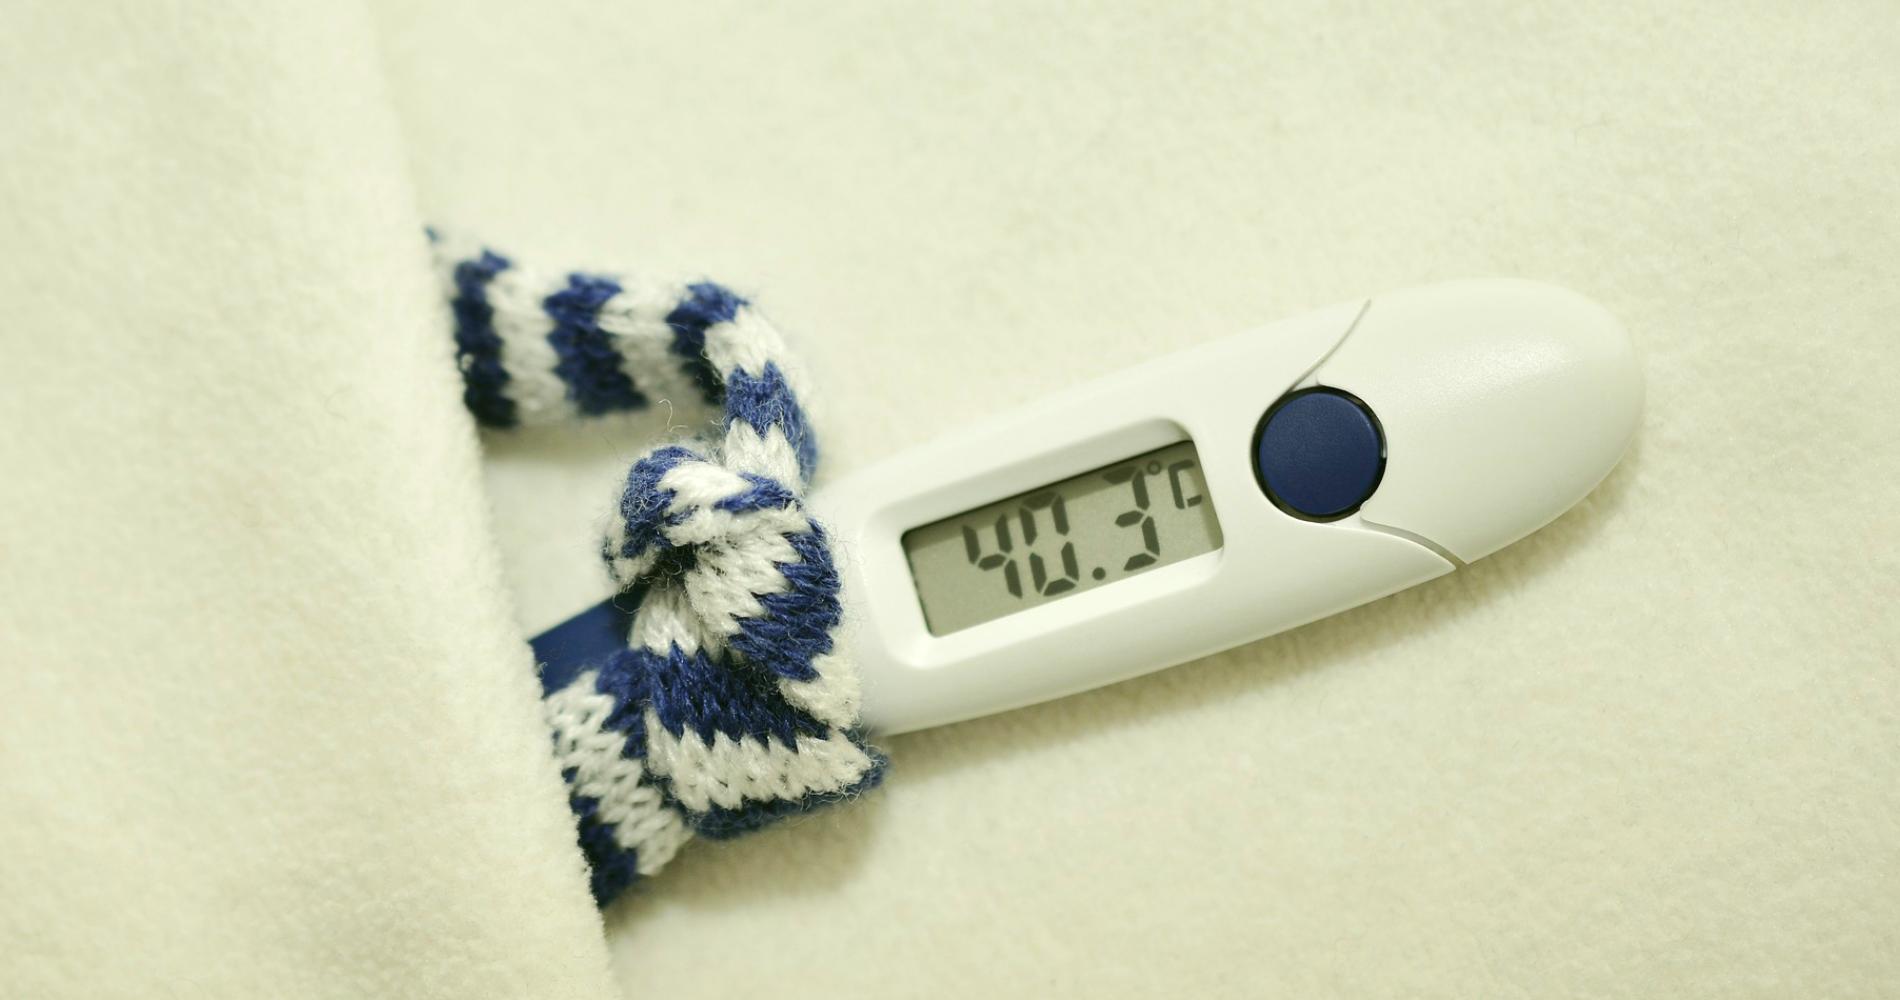 gorączka i domowe sposoby na obniżenie gorączki eDrNona